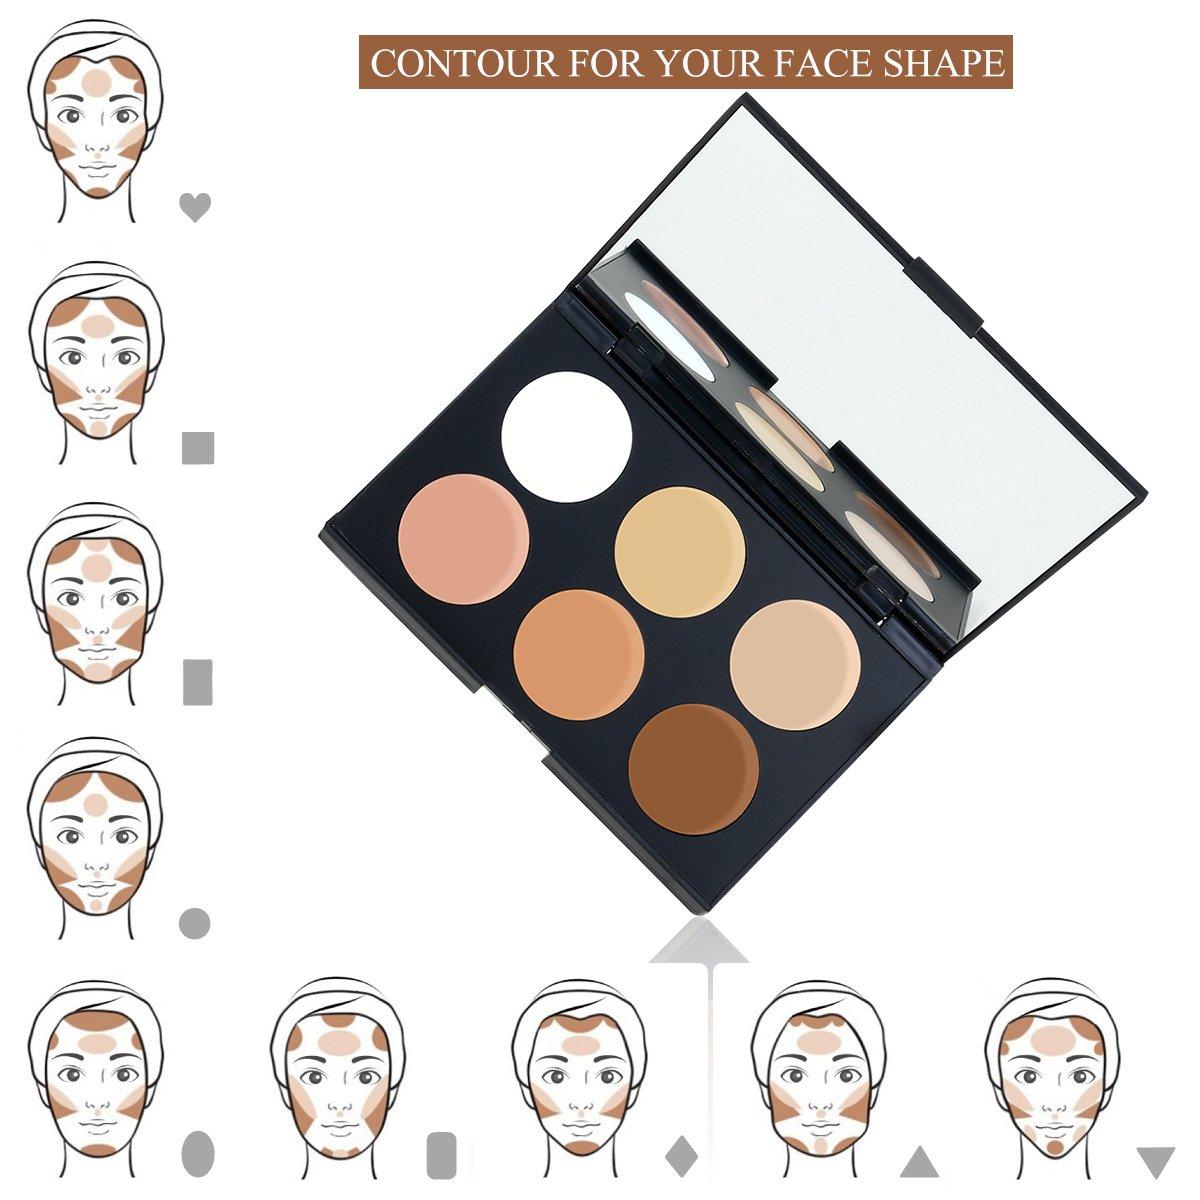 RUIMIO Contour Kit Cream Contour Palette 6 Colors with Makeup Brush Set by PIXNOR (Image #3)